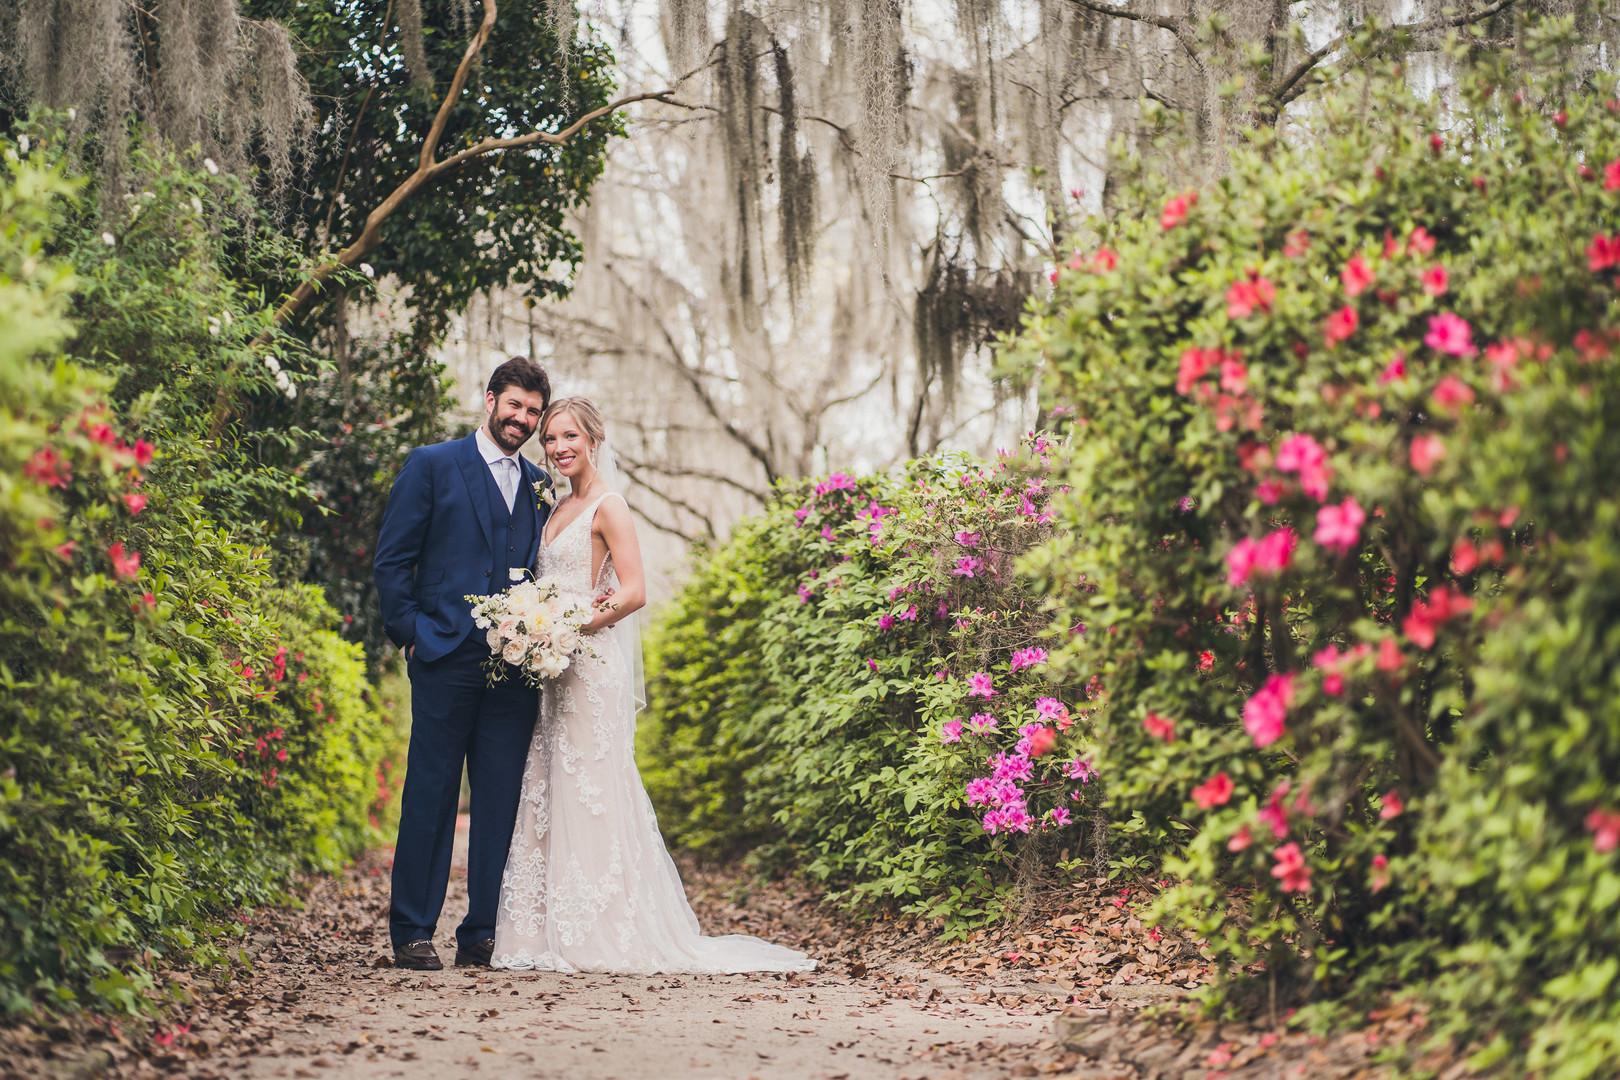 middleton-place-wedding-1.jpg